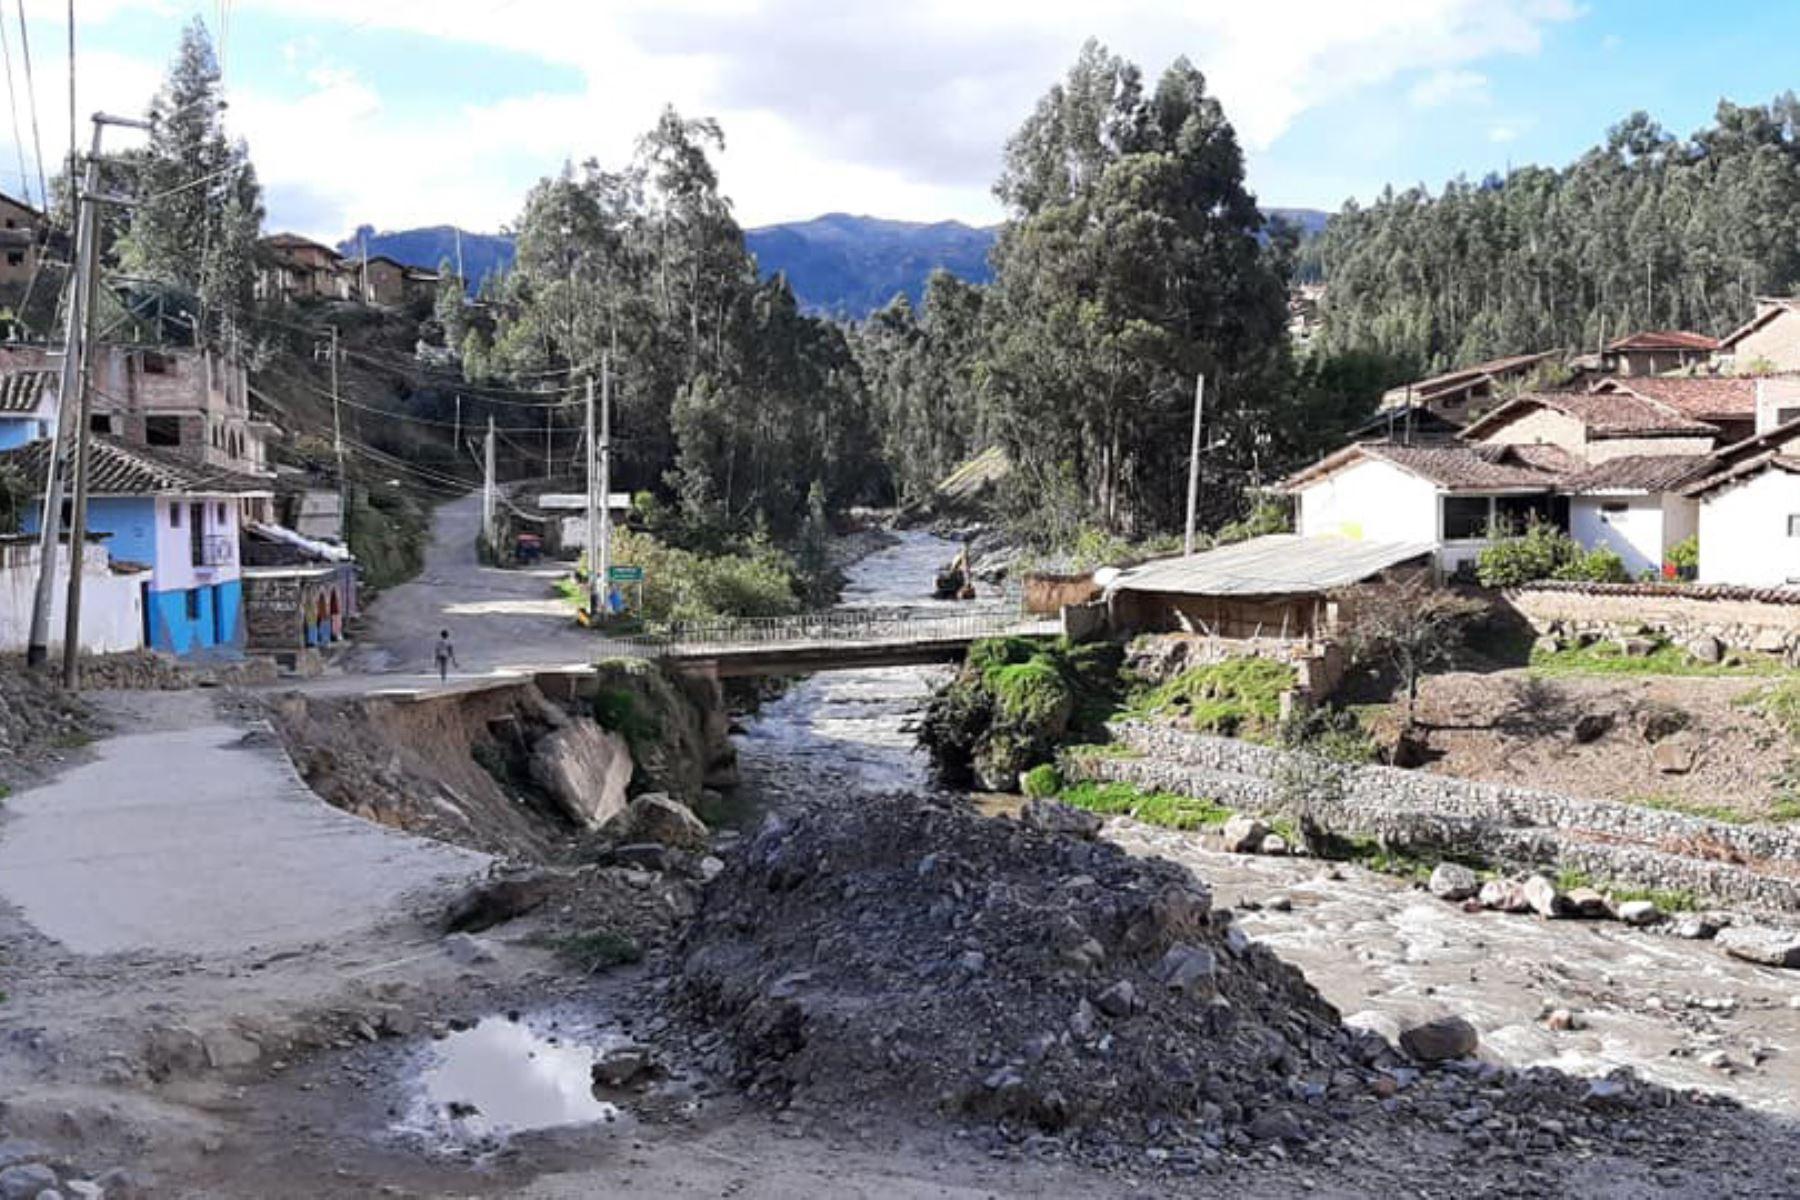 Municipalidad de Pomabamba, en Áncash, inicia trabajos de descolmatación y encauzamiento en río Pomabamba, para evitar daños como ocurrió a comienzos de año. ANDINA/Difusión